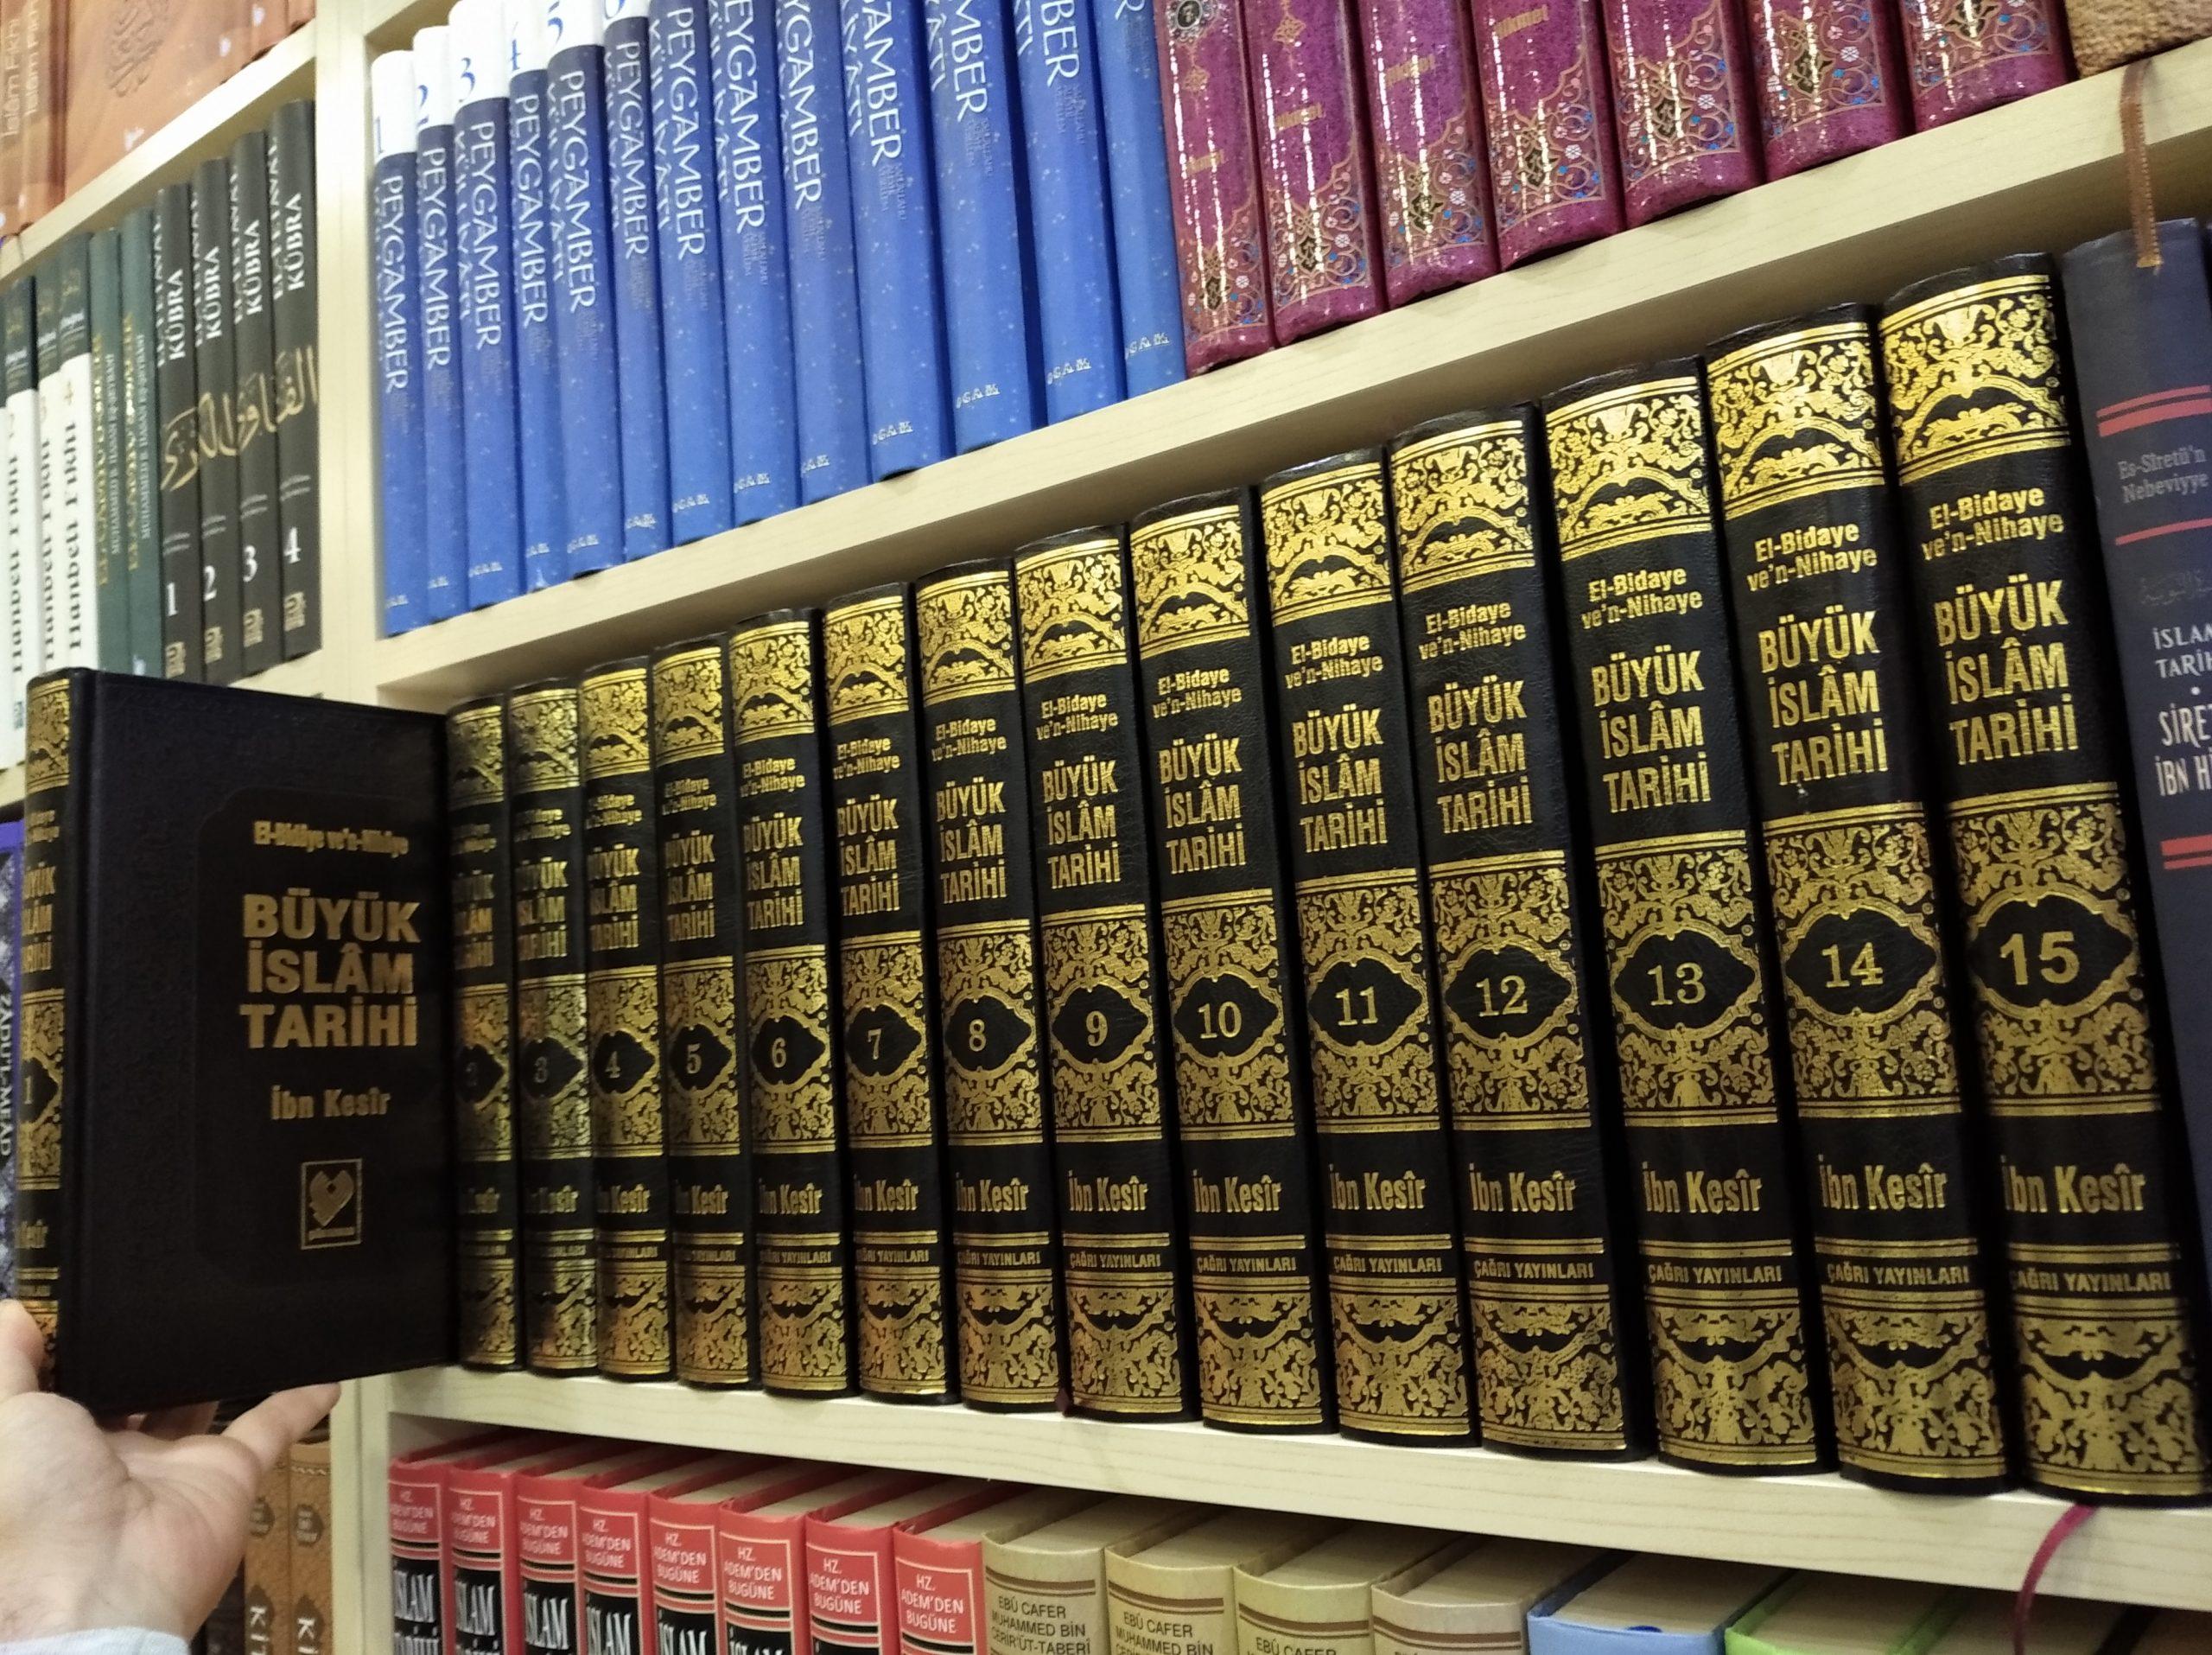 buyuk islam tarihi el bidaye ve n nihaye buyuk boy 15 cilt ithal kagit fitrat kitabevi